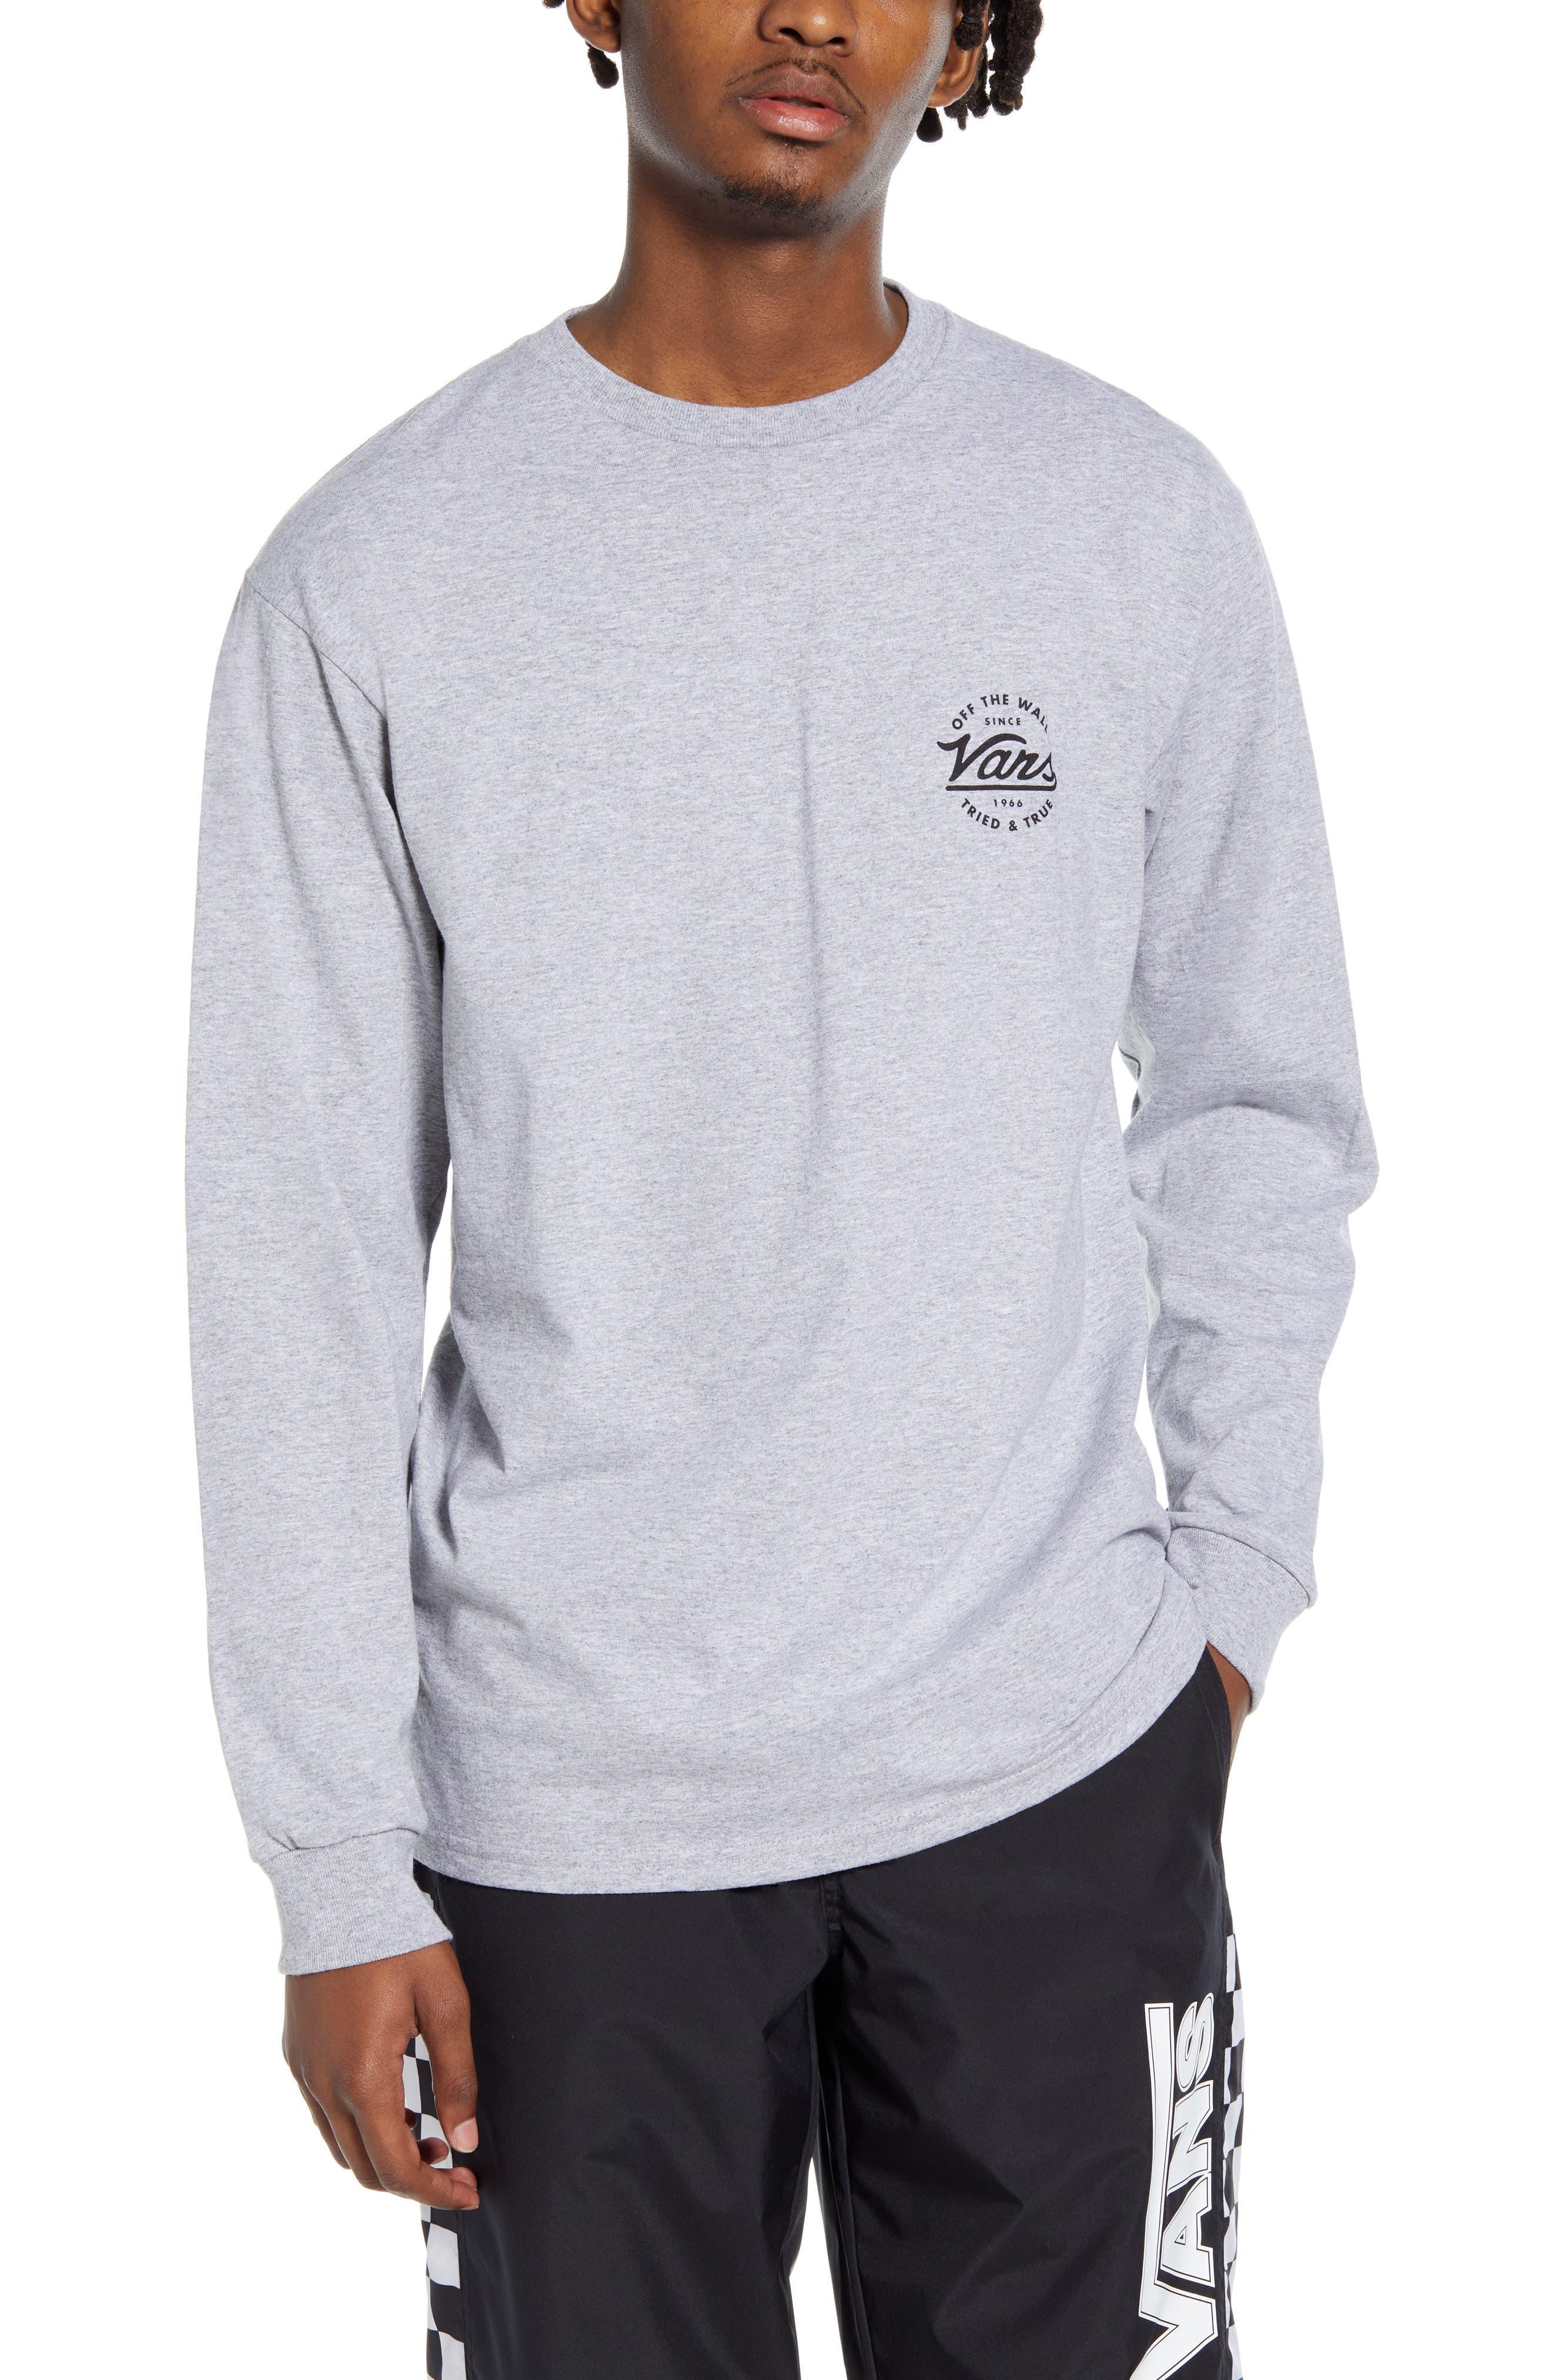 Vans Team Van Doren Long Sleeve T-Shirt, Grey